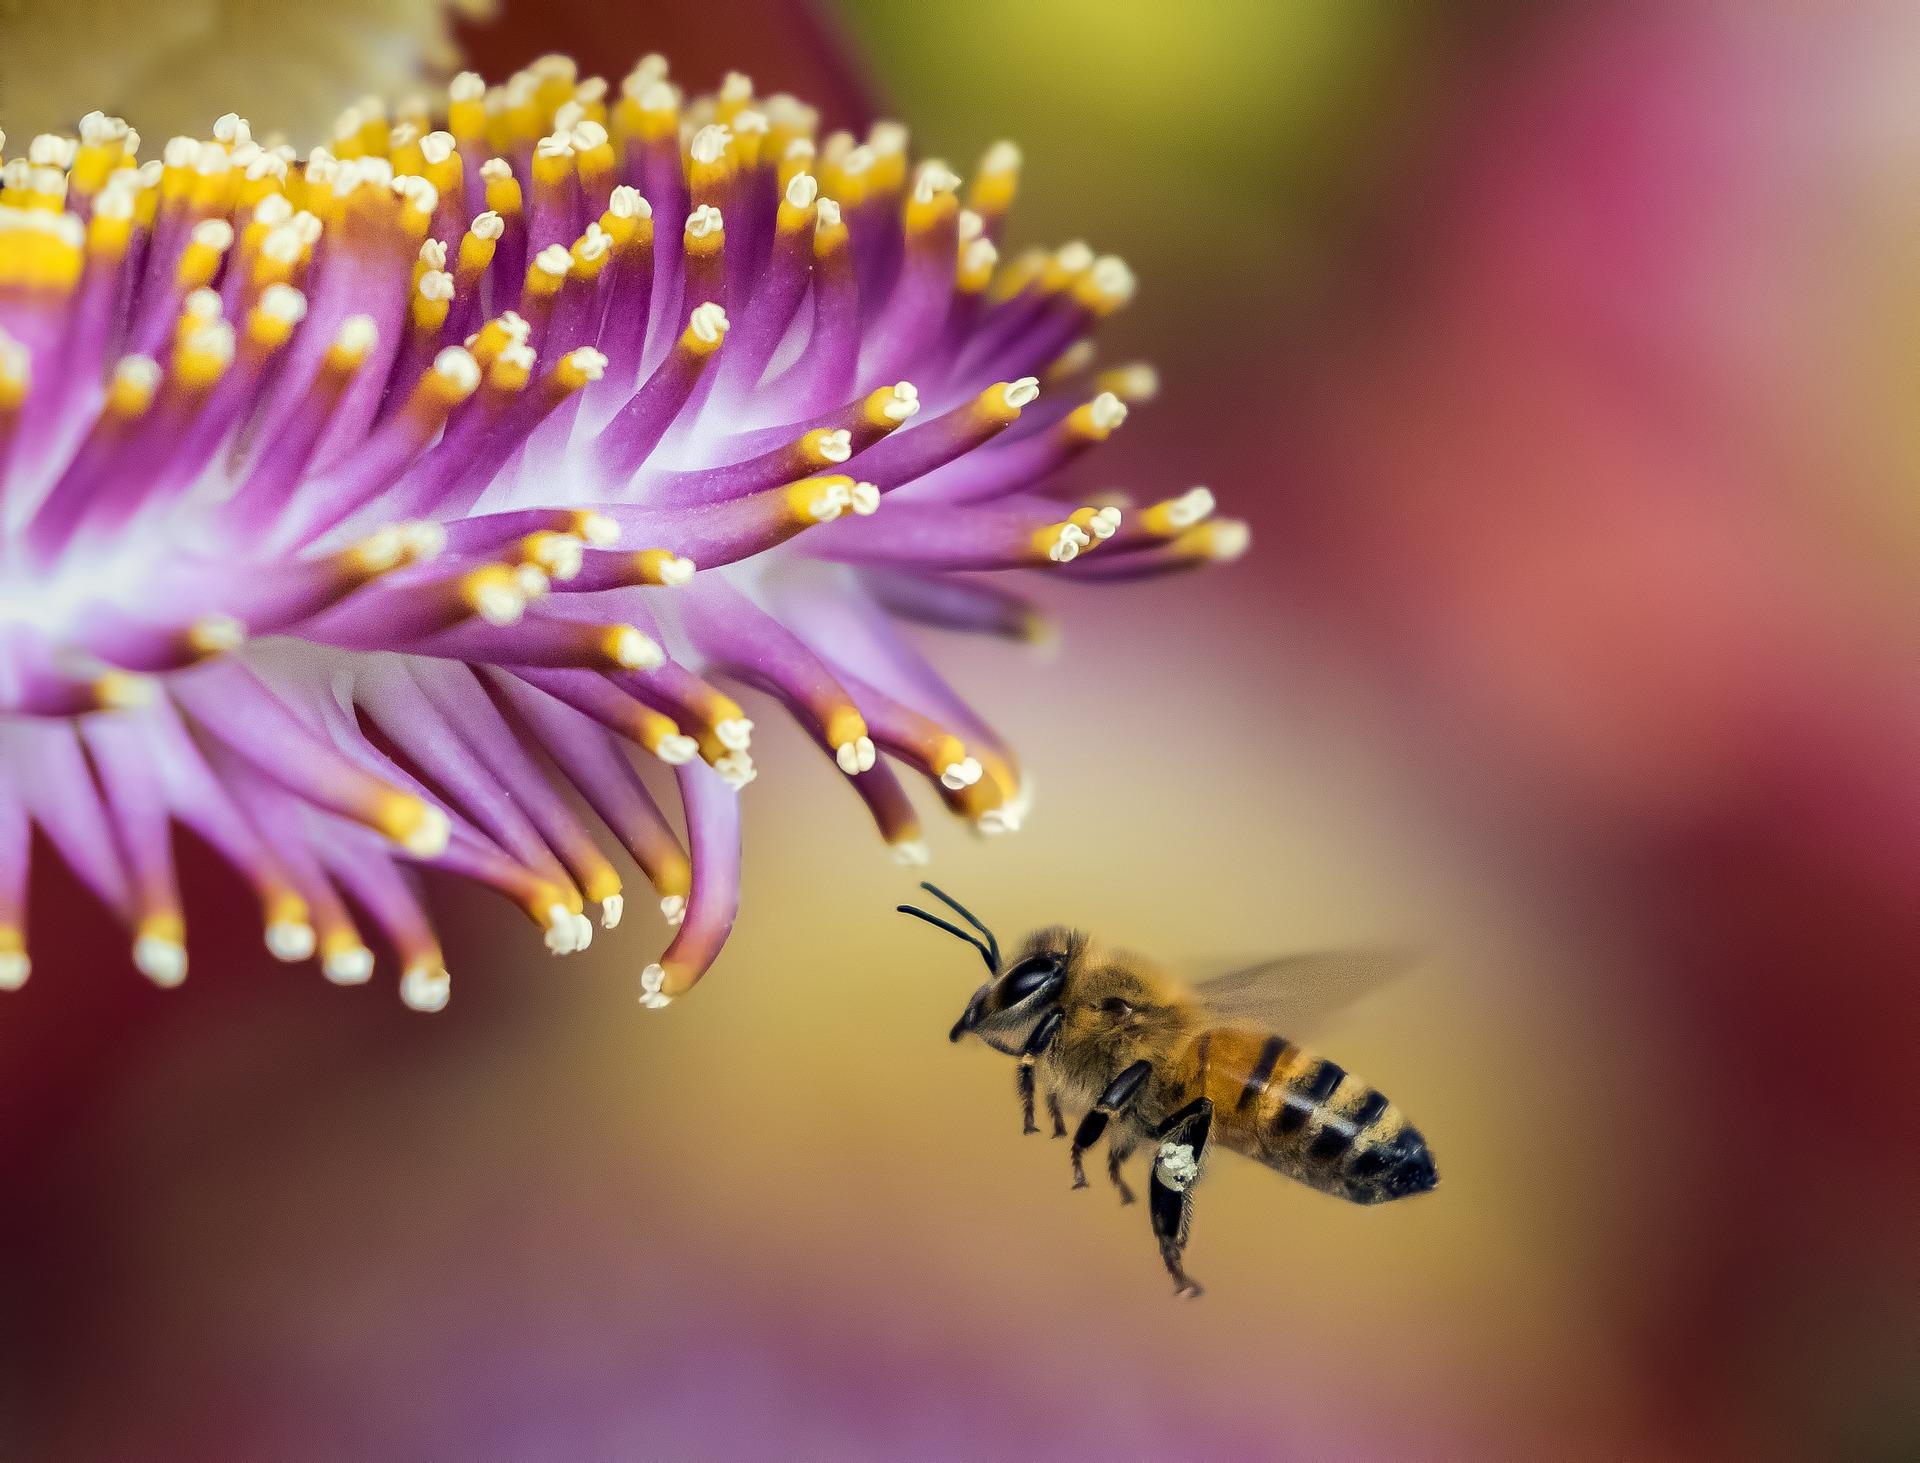 Imkerei Bramreither - Mühlviertel - Bienenprodukte